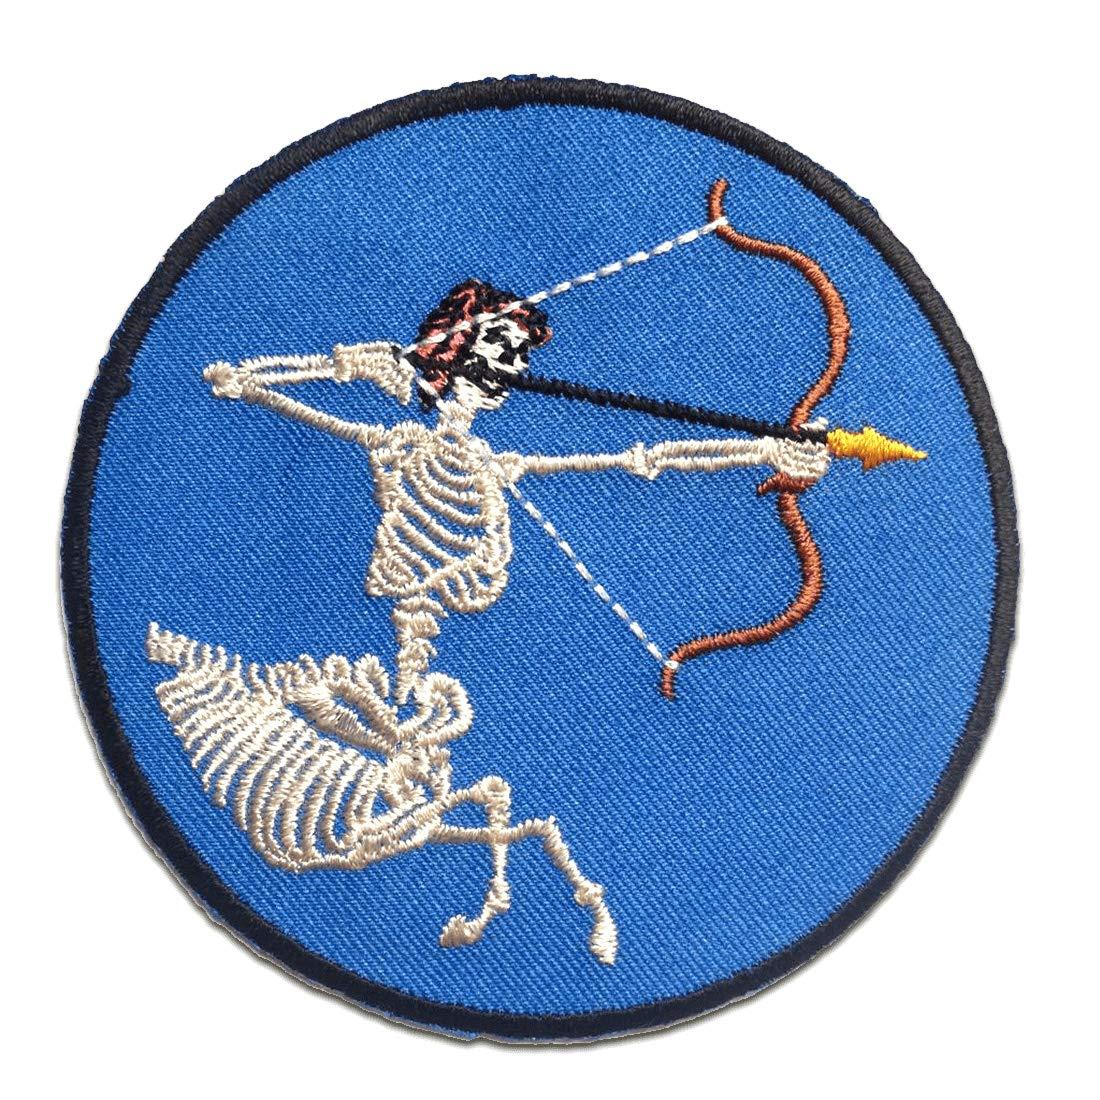 blau Skelett mit Bogen Aufnäher // Bügelbild Ø8.7 cm Patches Aufbügeln